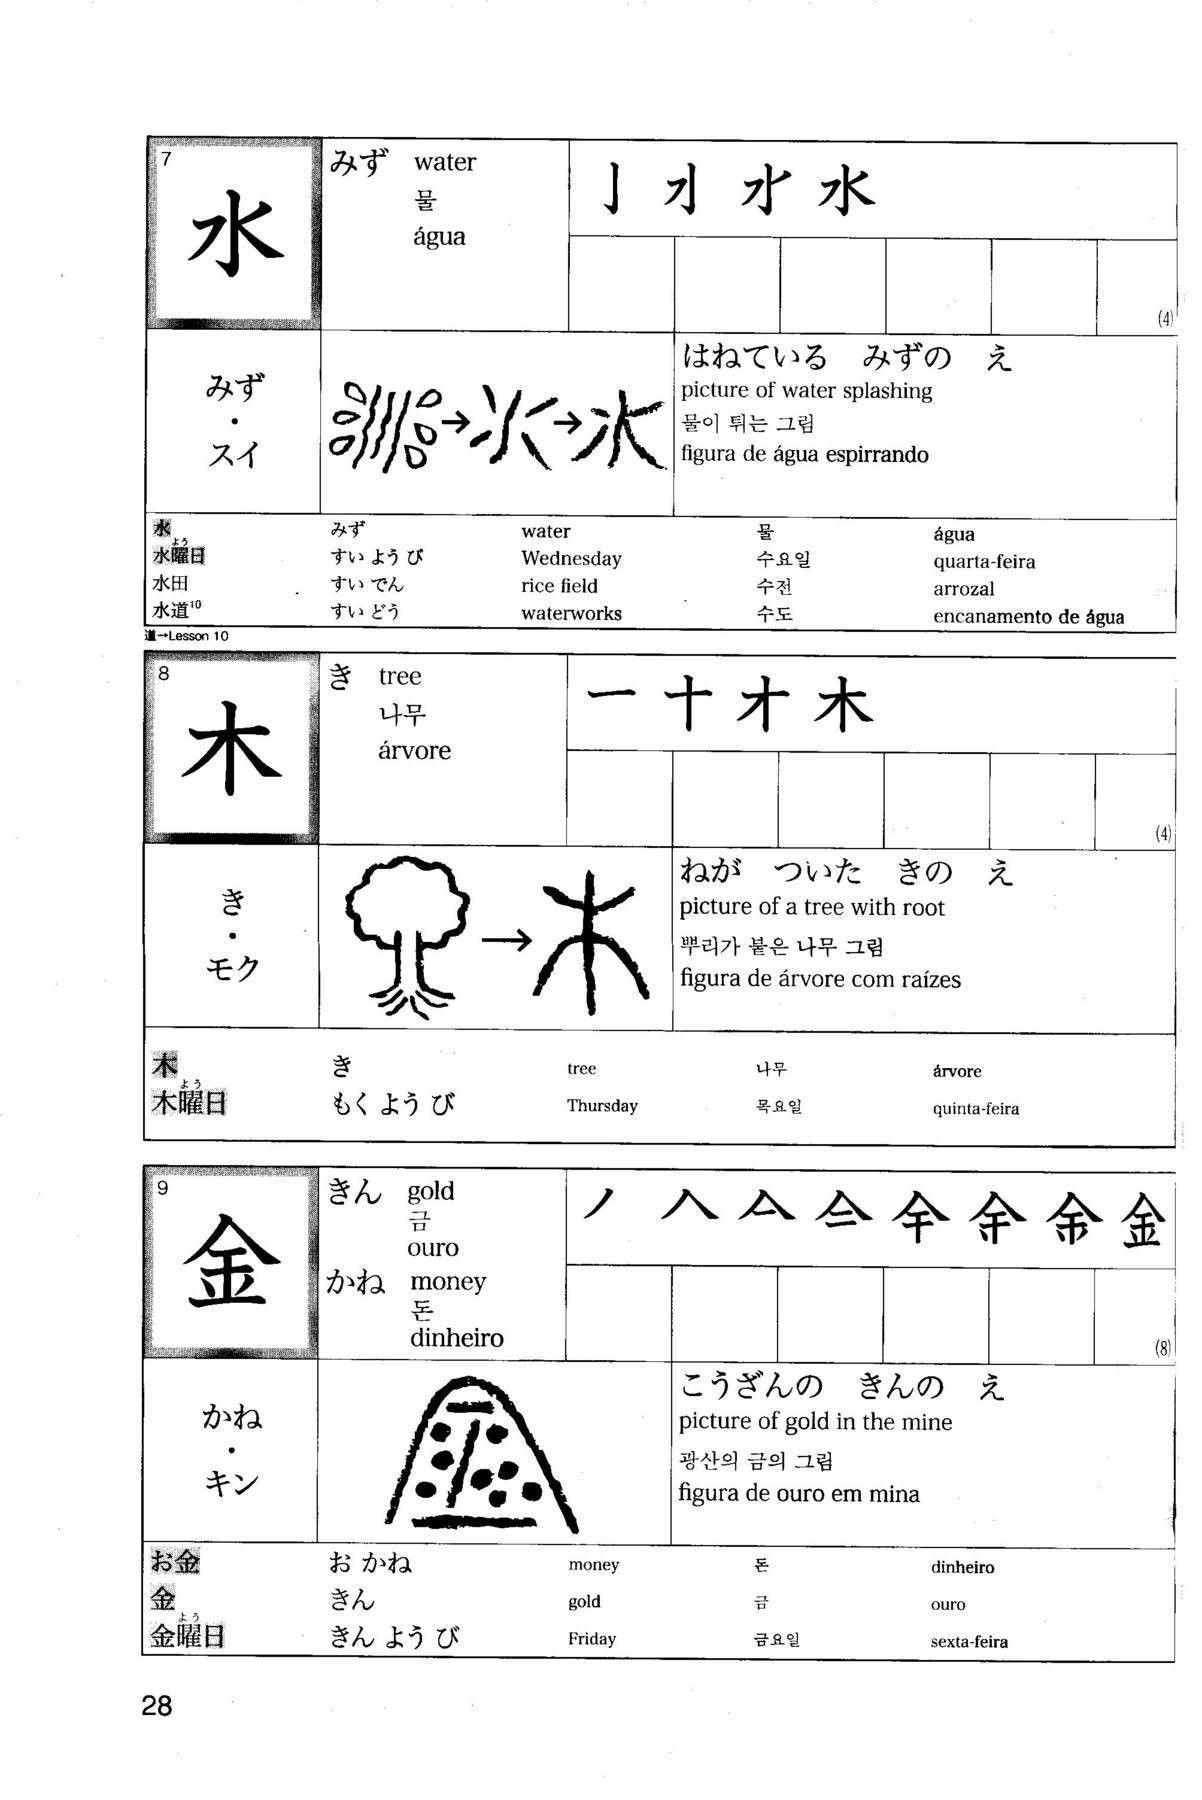 worksheet Kanji Worksheets kanji wall poster series 3 by white rabbit press shops and rabbits